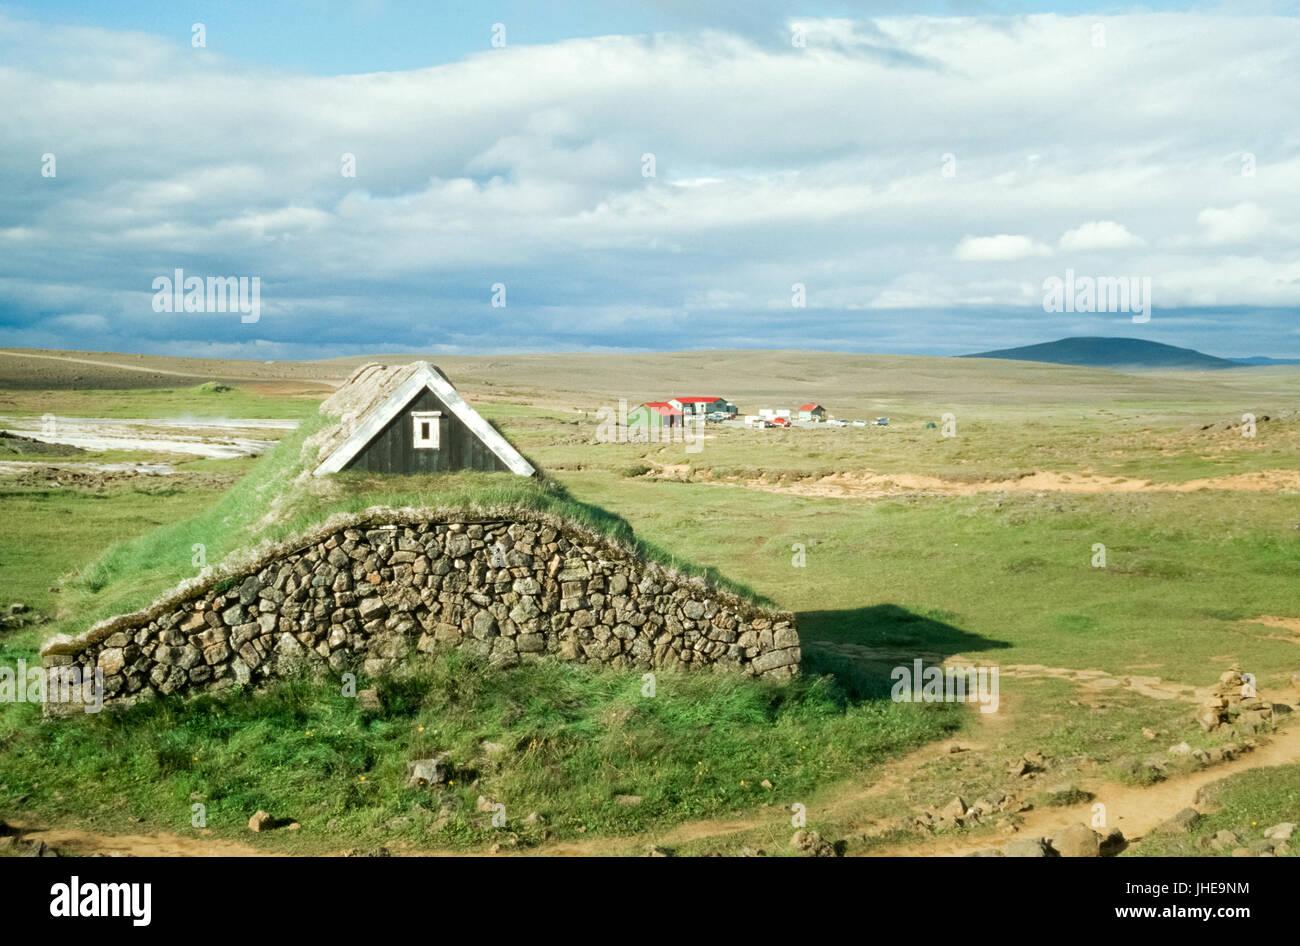 Viking tradicional casa con techo cubierto de hierba, Islandia Imagen De Stock